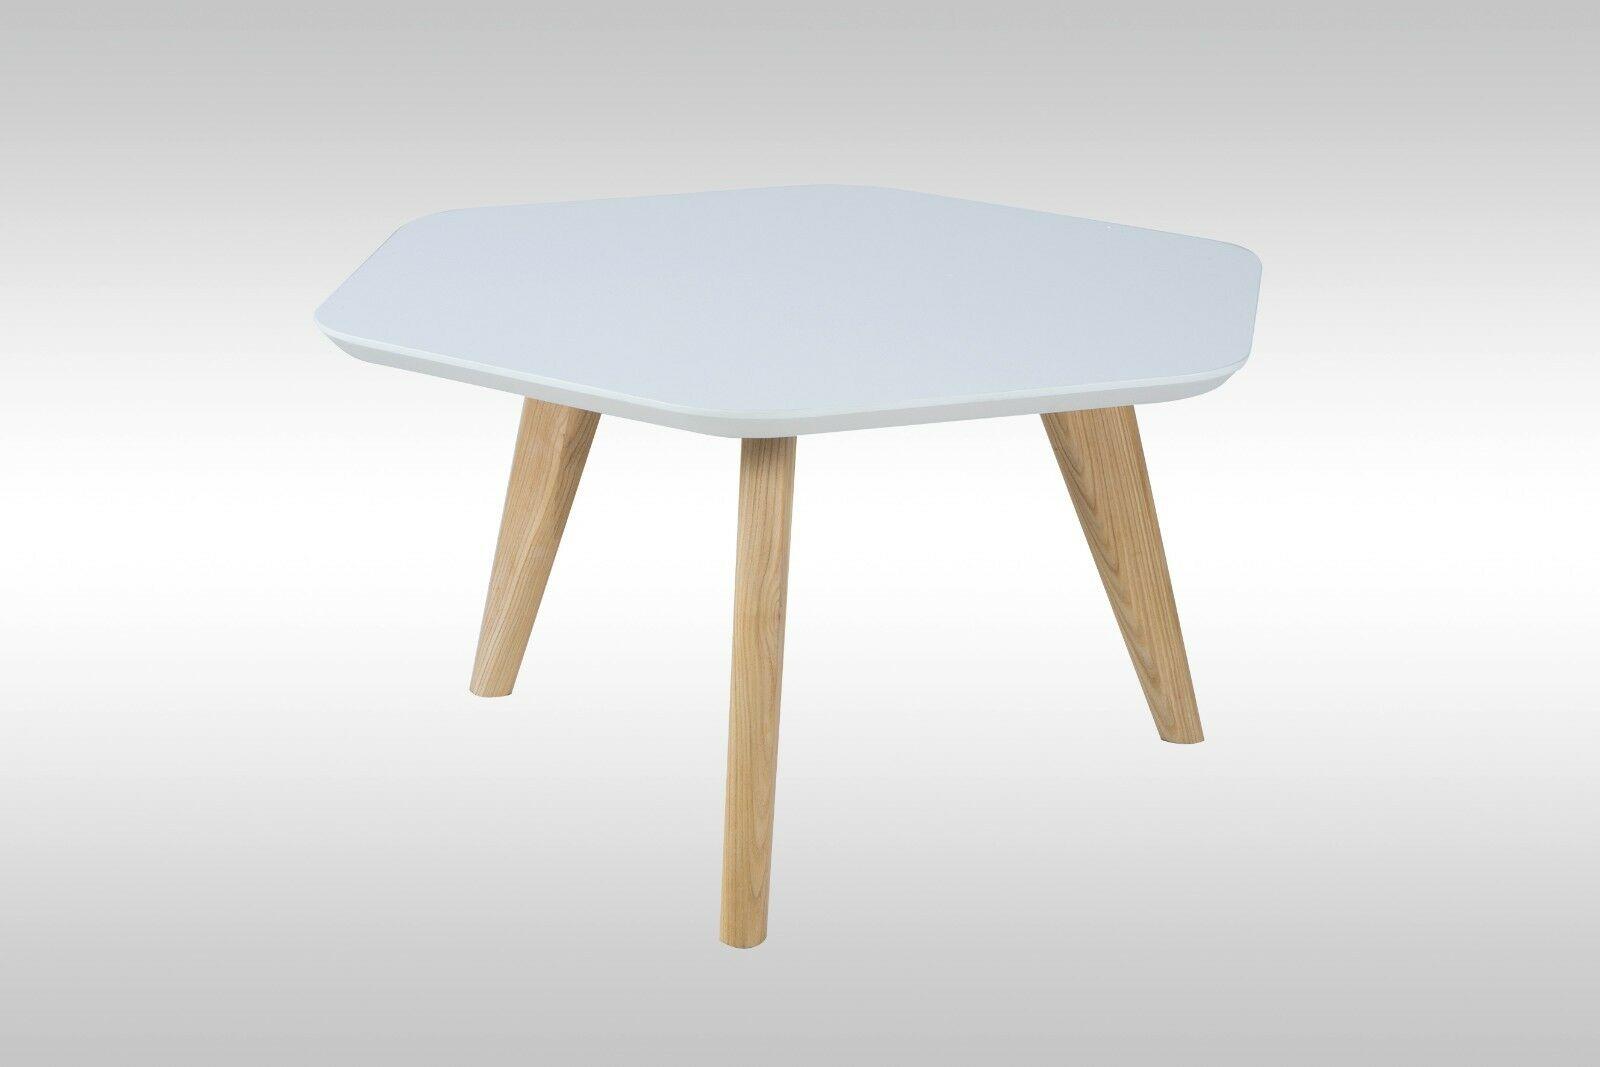 Moderner Couchtisch Weiss Matt Esche Sofatisch Wohnzimmer Tisch